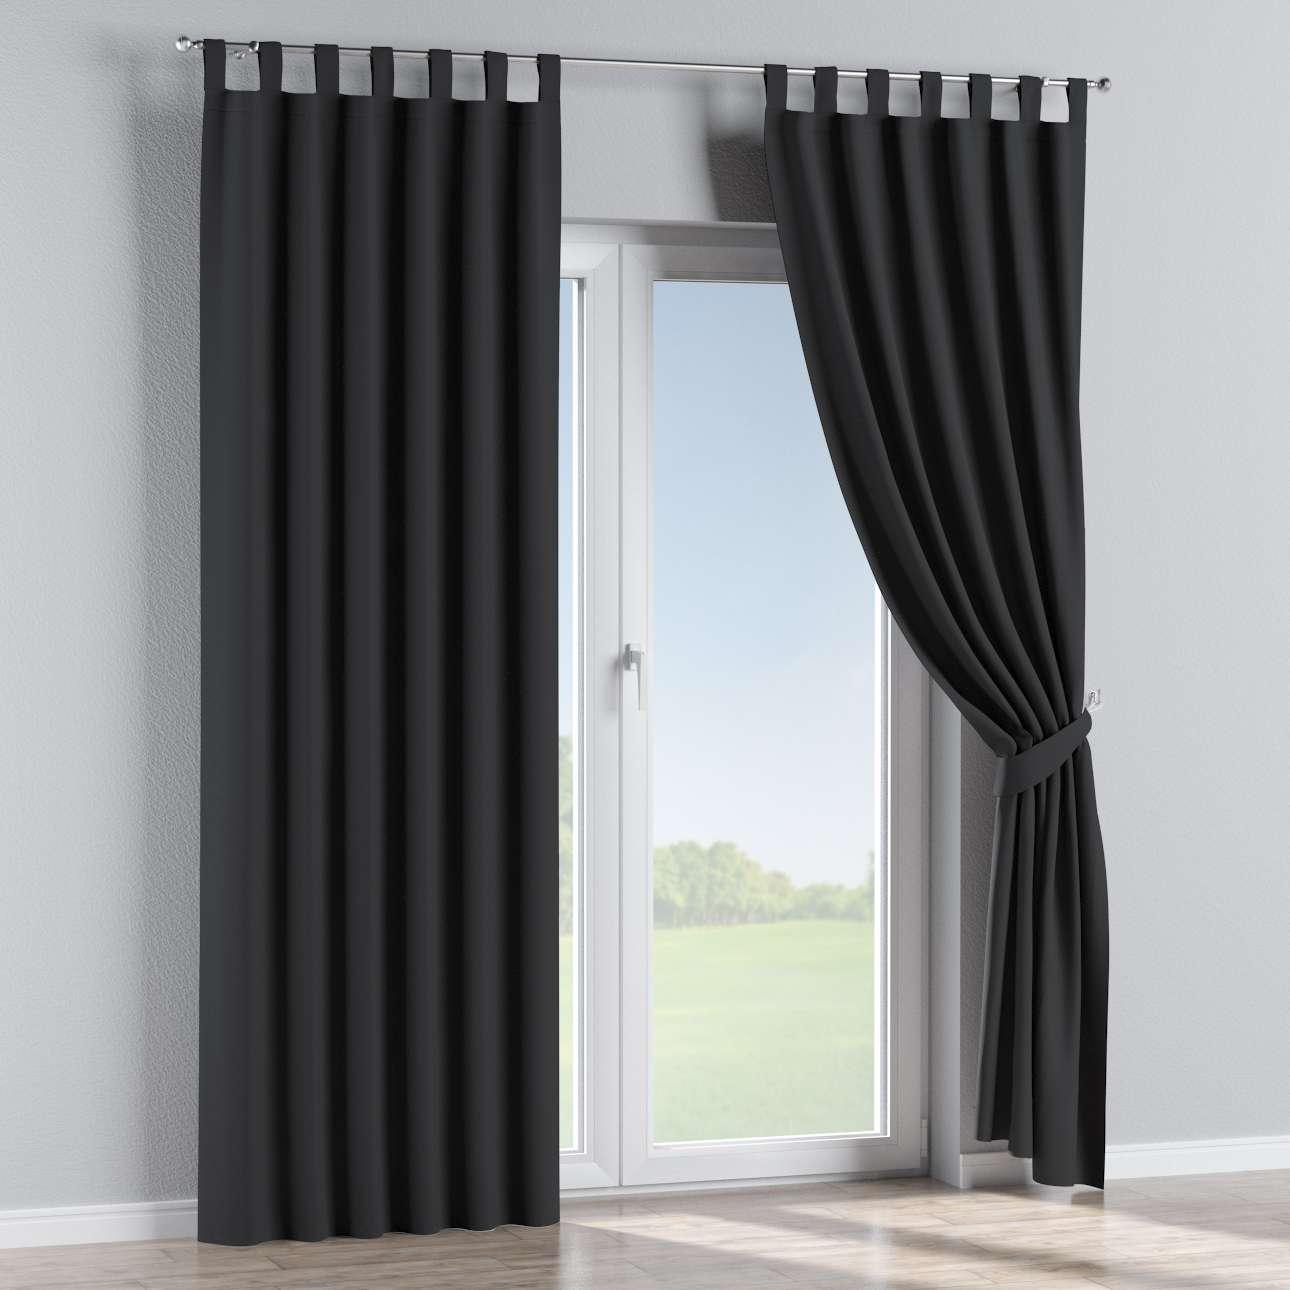 verdunklungsvorhang mit schlaufen schwarz dekoria. Black Bedroom Furniture Sets. Home Design Ideas